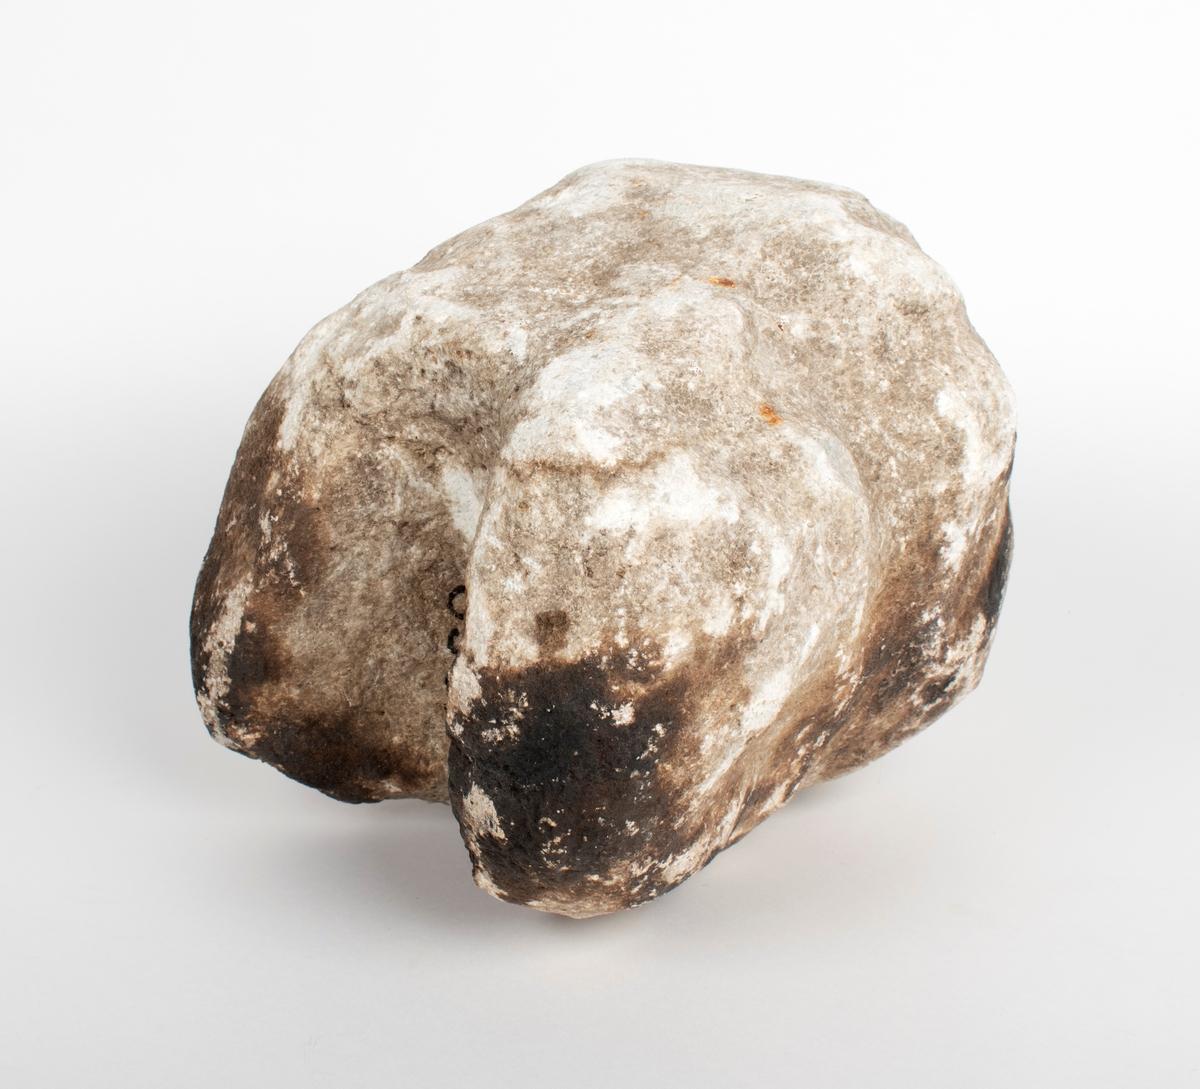 Hellig, hvit stein med uregelmessig og grunn dobbelt fure rundt. På undersiden er det en halvcylindrisk uthulning tvers igjennem, noget som også kjennes fra andre eksemplarer. Lengde 25 cm, største bredde 22 cm. Funnet på br.nr. 4 av g.nr. 47 Ose, Ørsta s. og pgd., Møre, på flaten mellem Oseborg og Oselven. Der er nu åker, men det hadde neppe vært pløiet der før steinen blev funnet. Finneren mener at det kanskje var en liten åkerrein på stedet, men ingen sikre tegn til gravhaug eller lignende. Innsendt ved aktuar Myklebust som har meddelt fundoplysningene og som omtaler steinen i sin bok om Ørsta s. 293. (Opplysninger fra Bergens Museums tilvekst av oldsaker 1933)